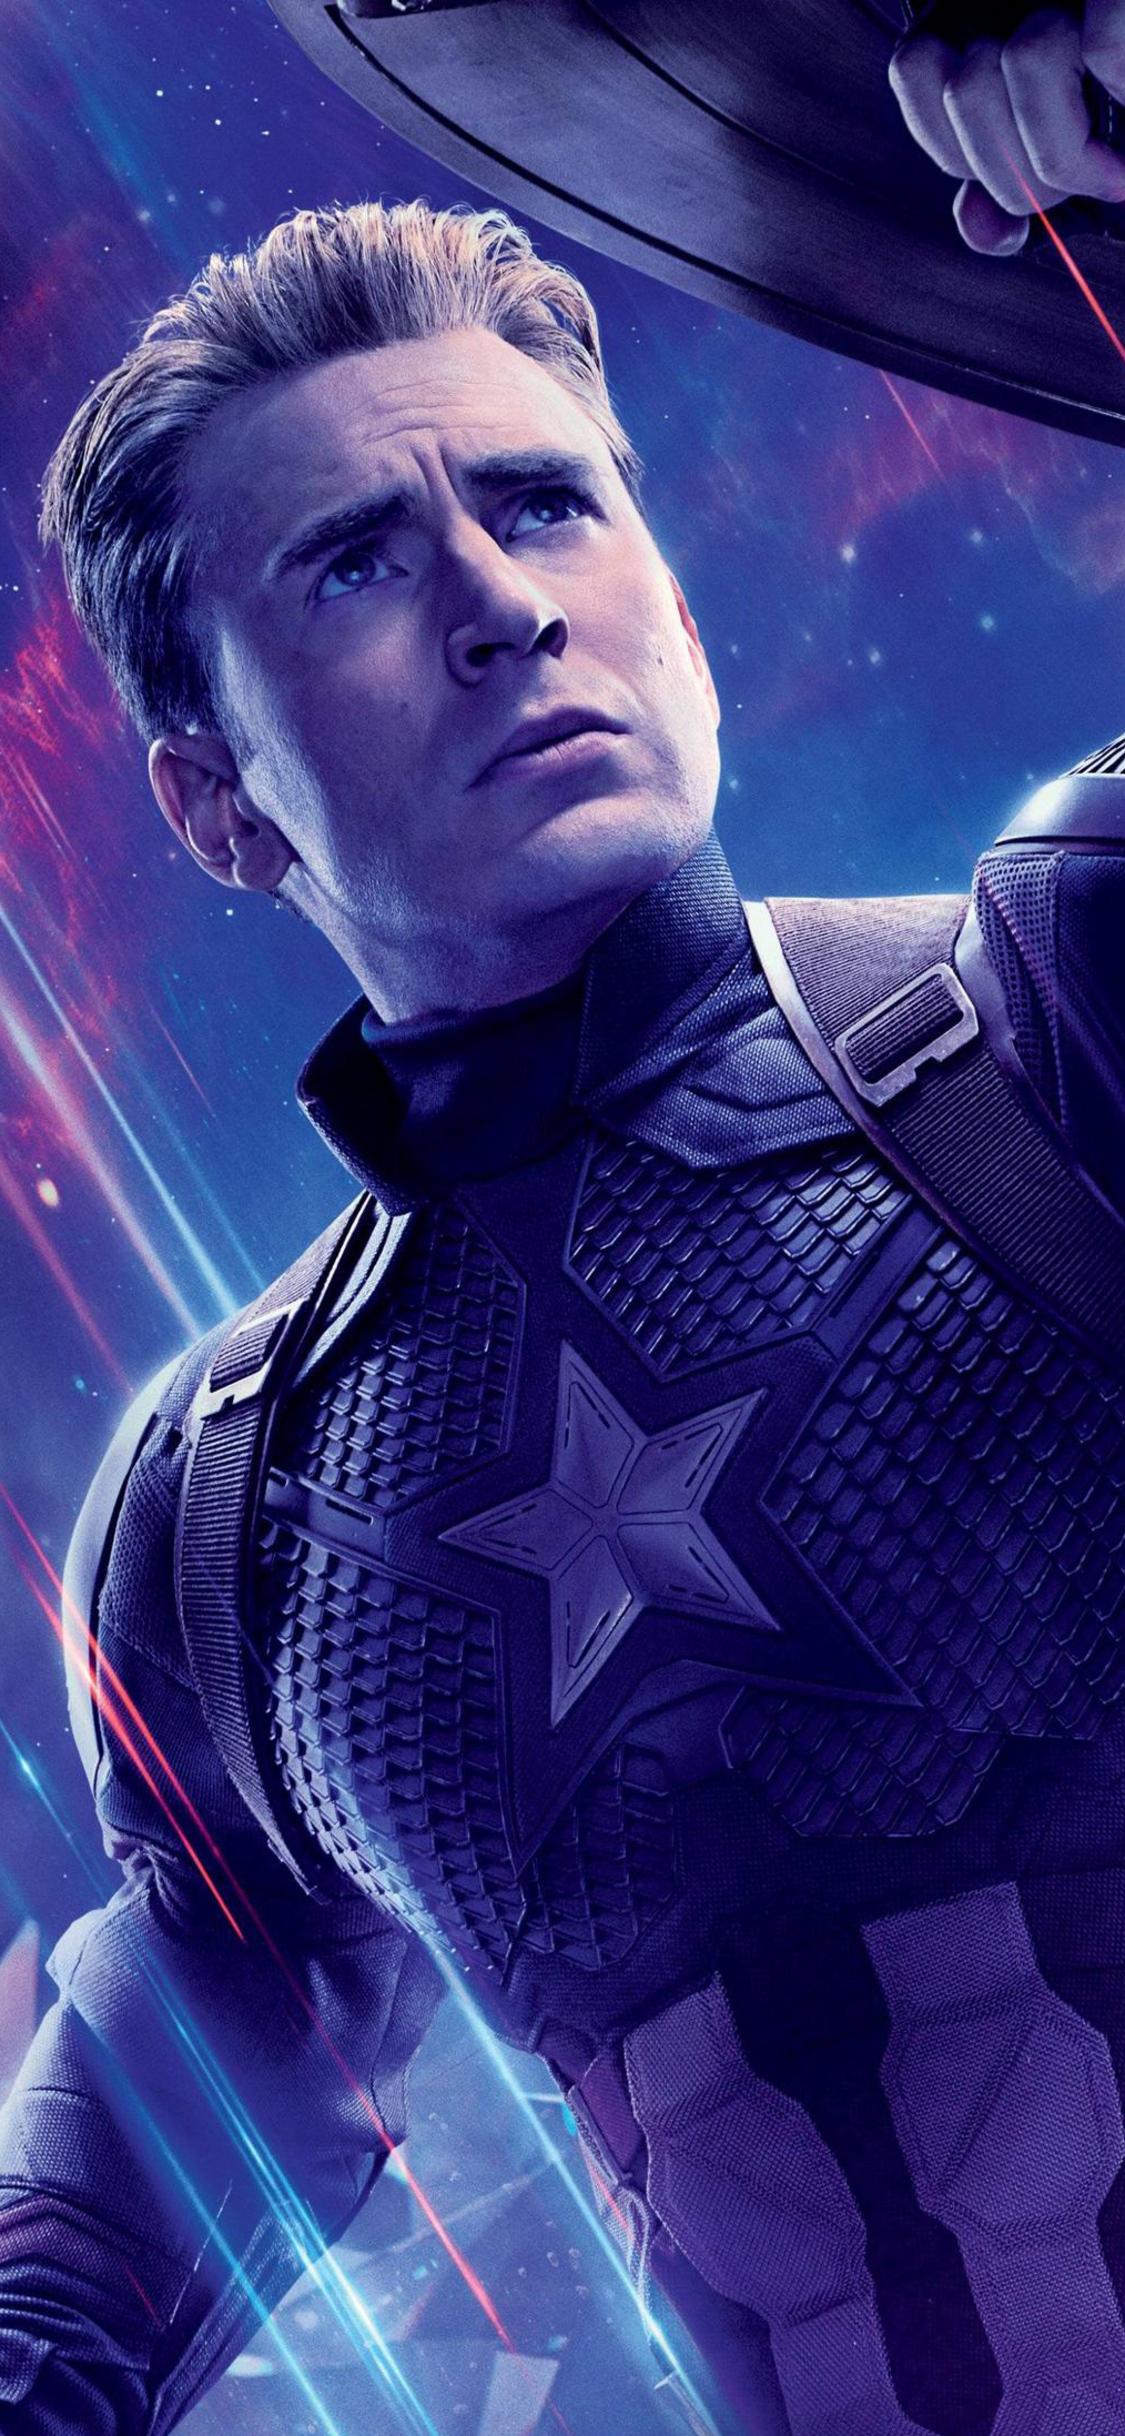 Captain America Avengers Endgame Phone Wallpapers ...